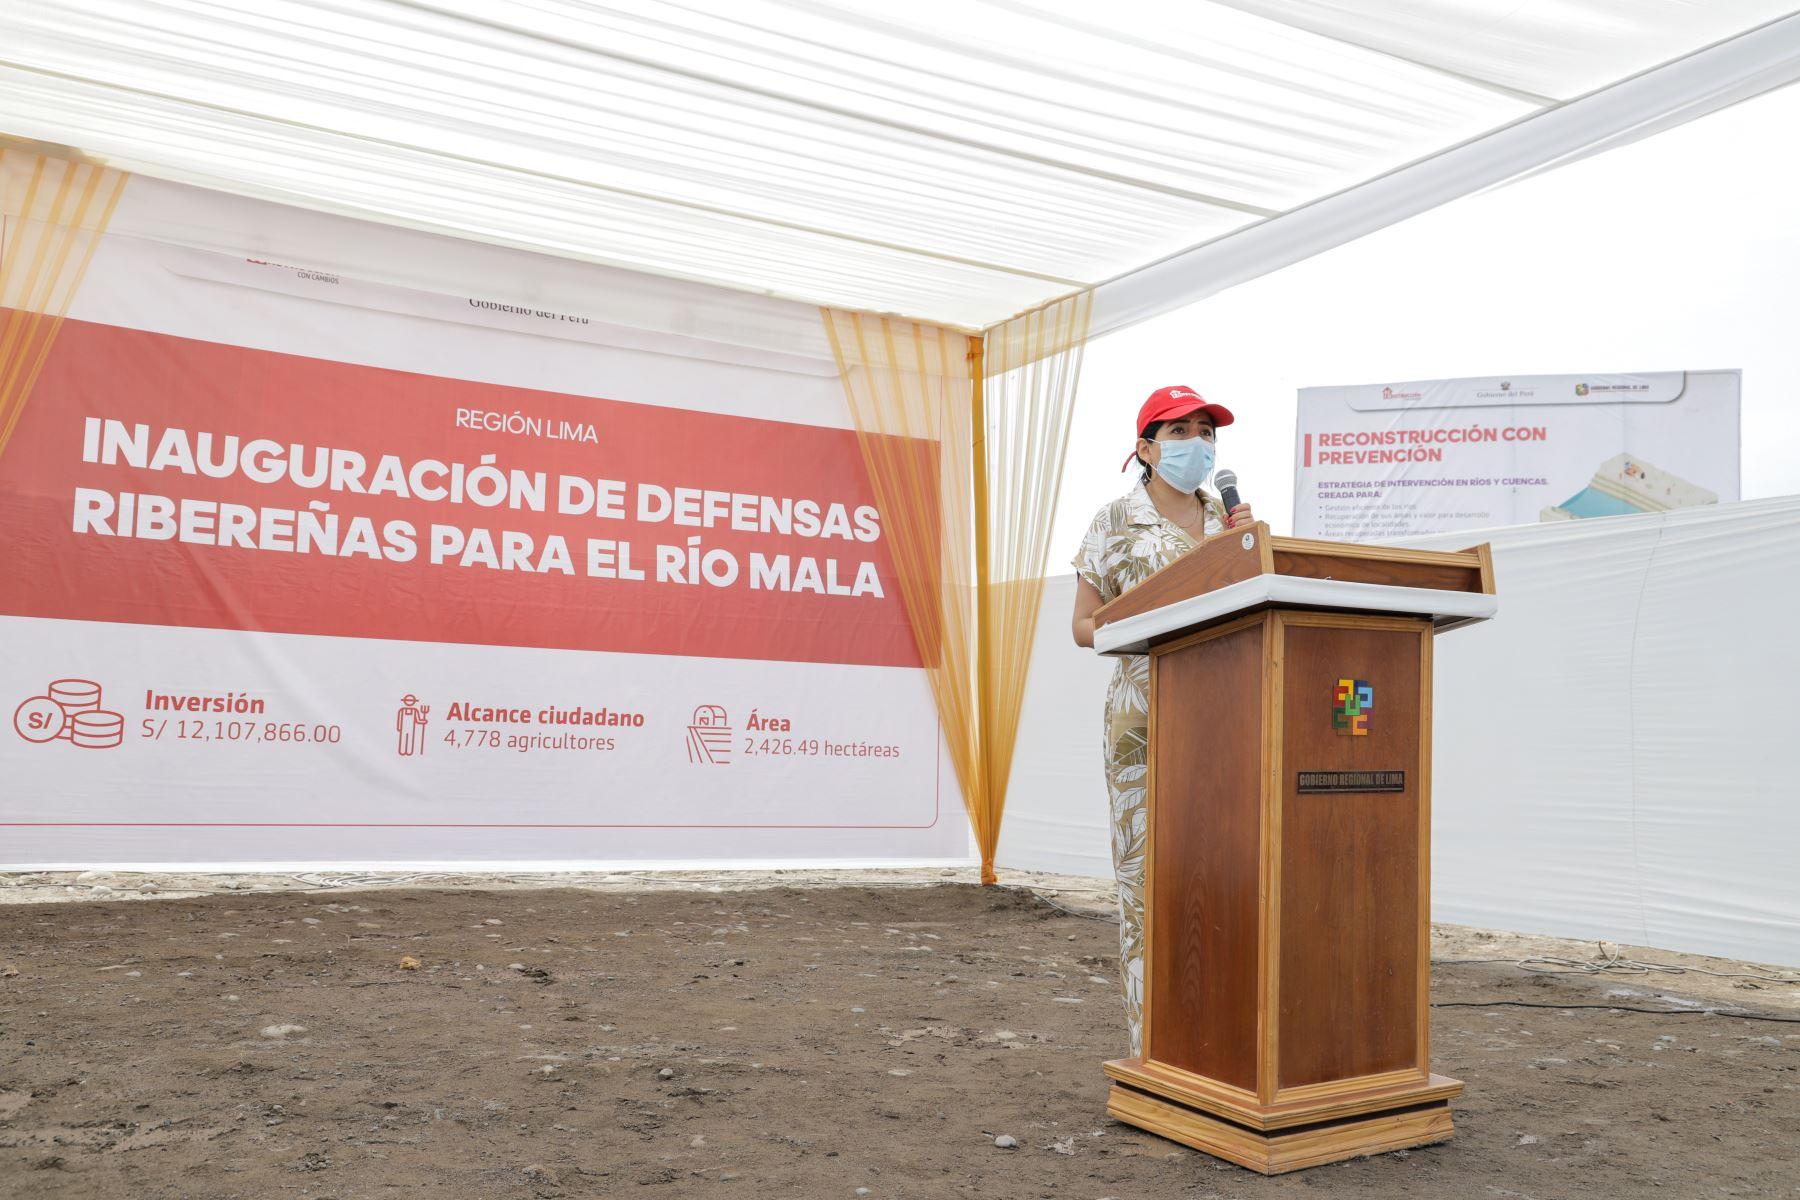 Directora de la Autoridad para la Reconstrucción con Cambios, Amalia Moreno  inaugura las  defensas ribereñas del río Mala. Foto: ARCC